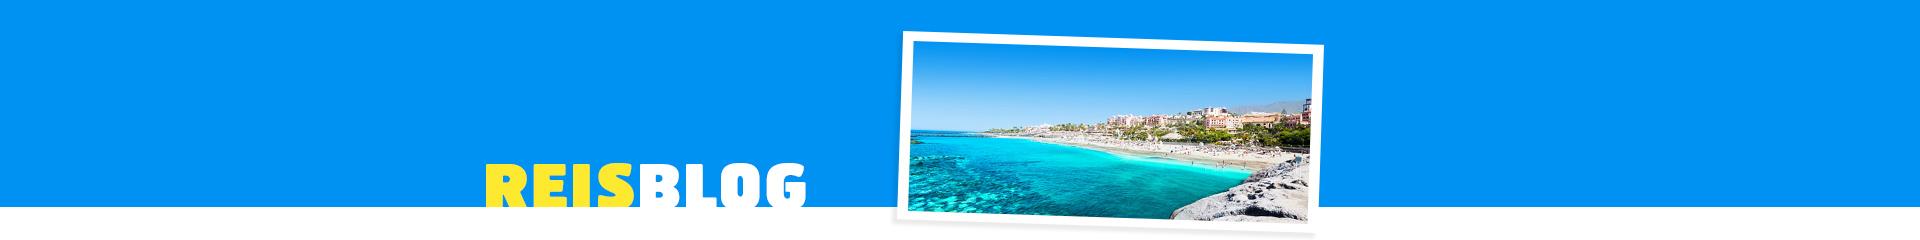 Uitzicht op de blauwe zee op de Canarische Eilanden